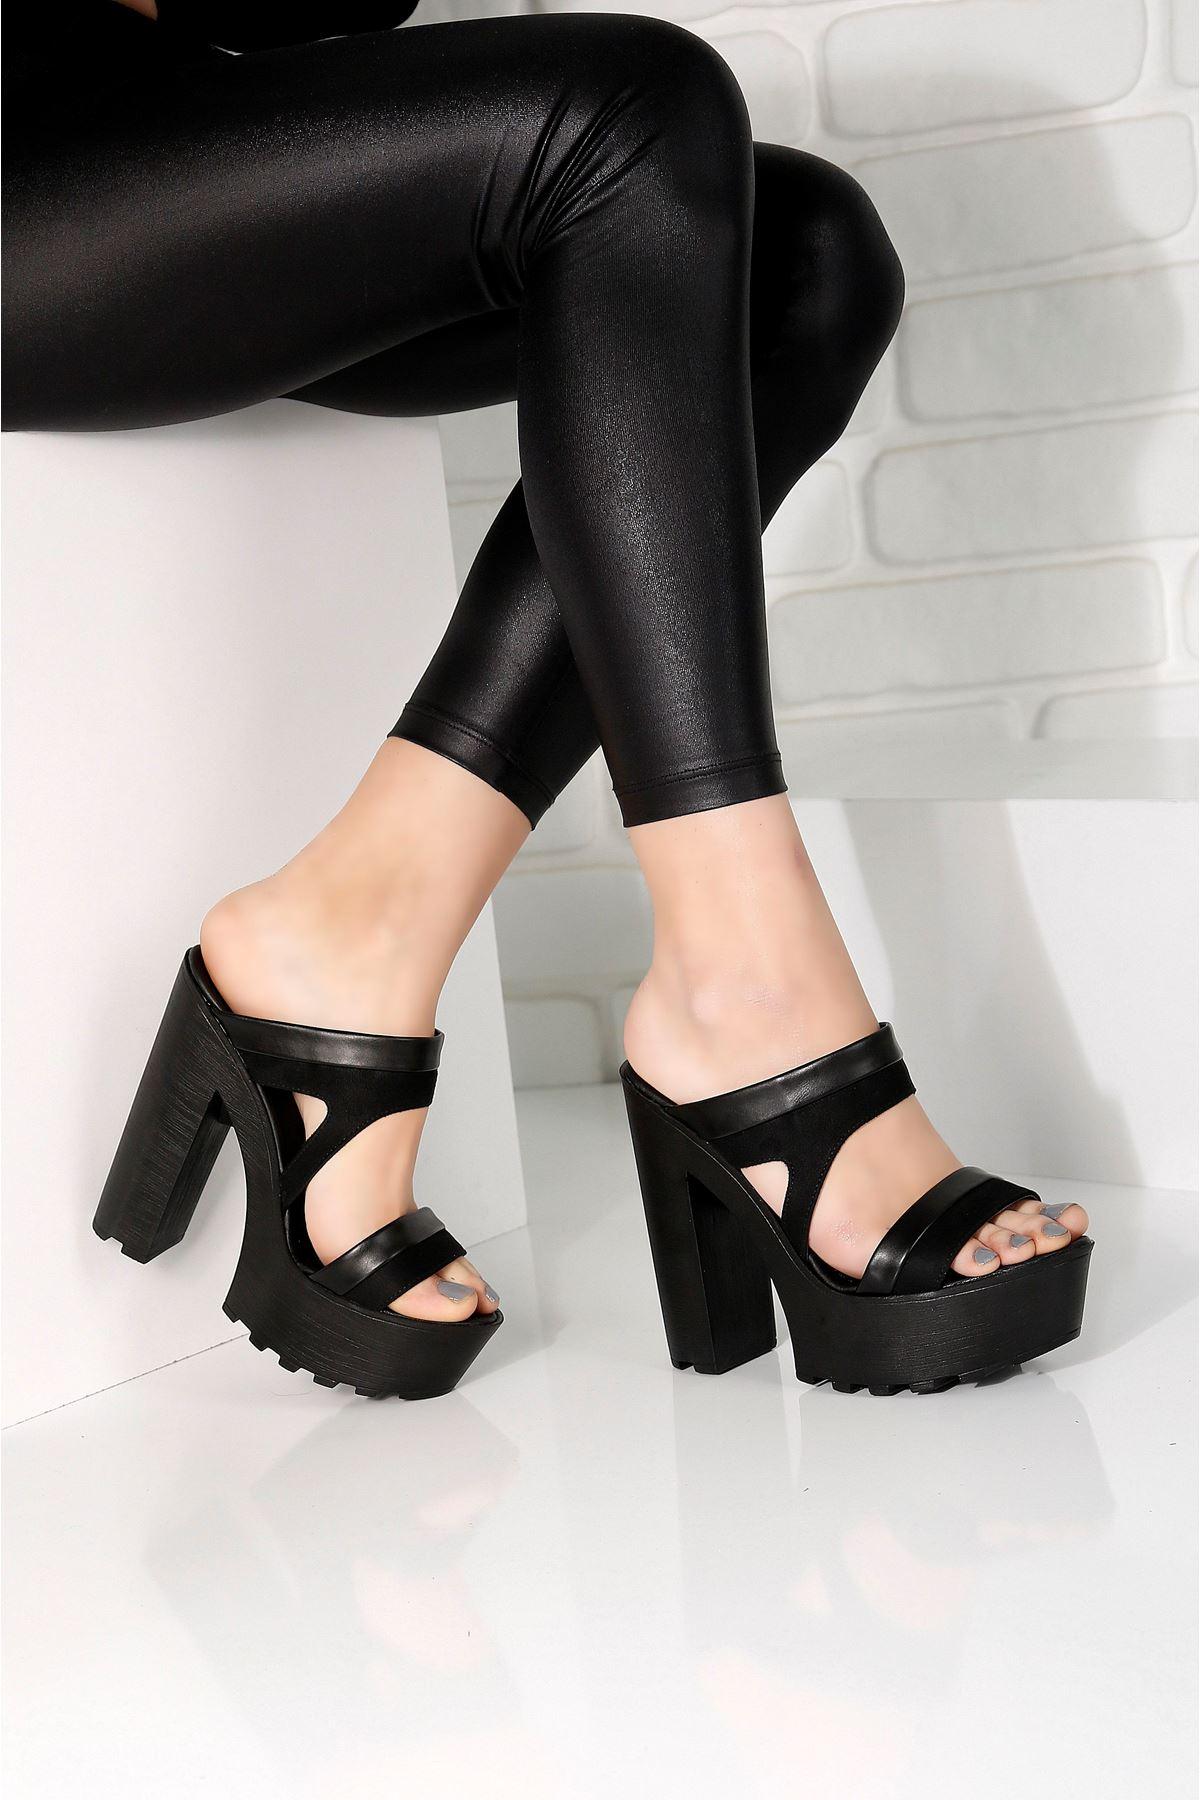 LAWIN Siyah Topuklu Kadın Terlik